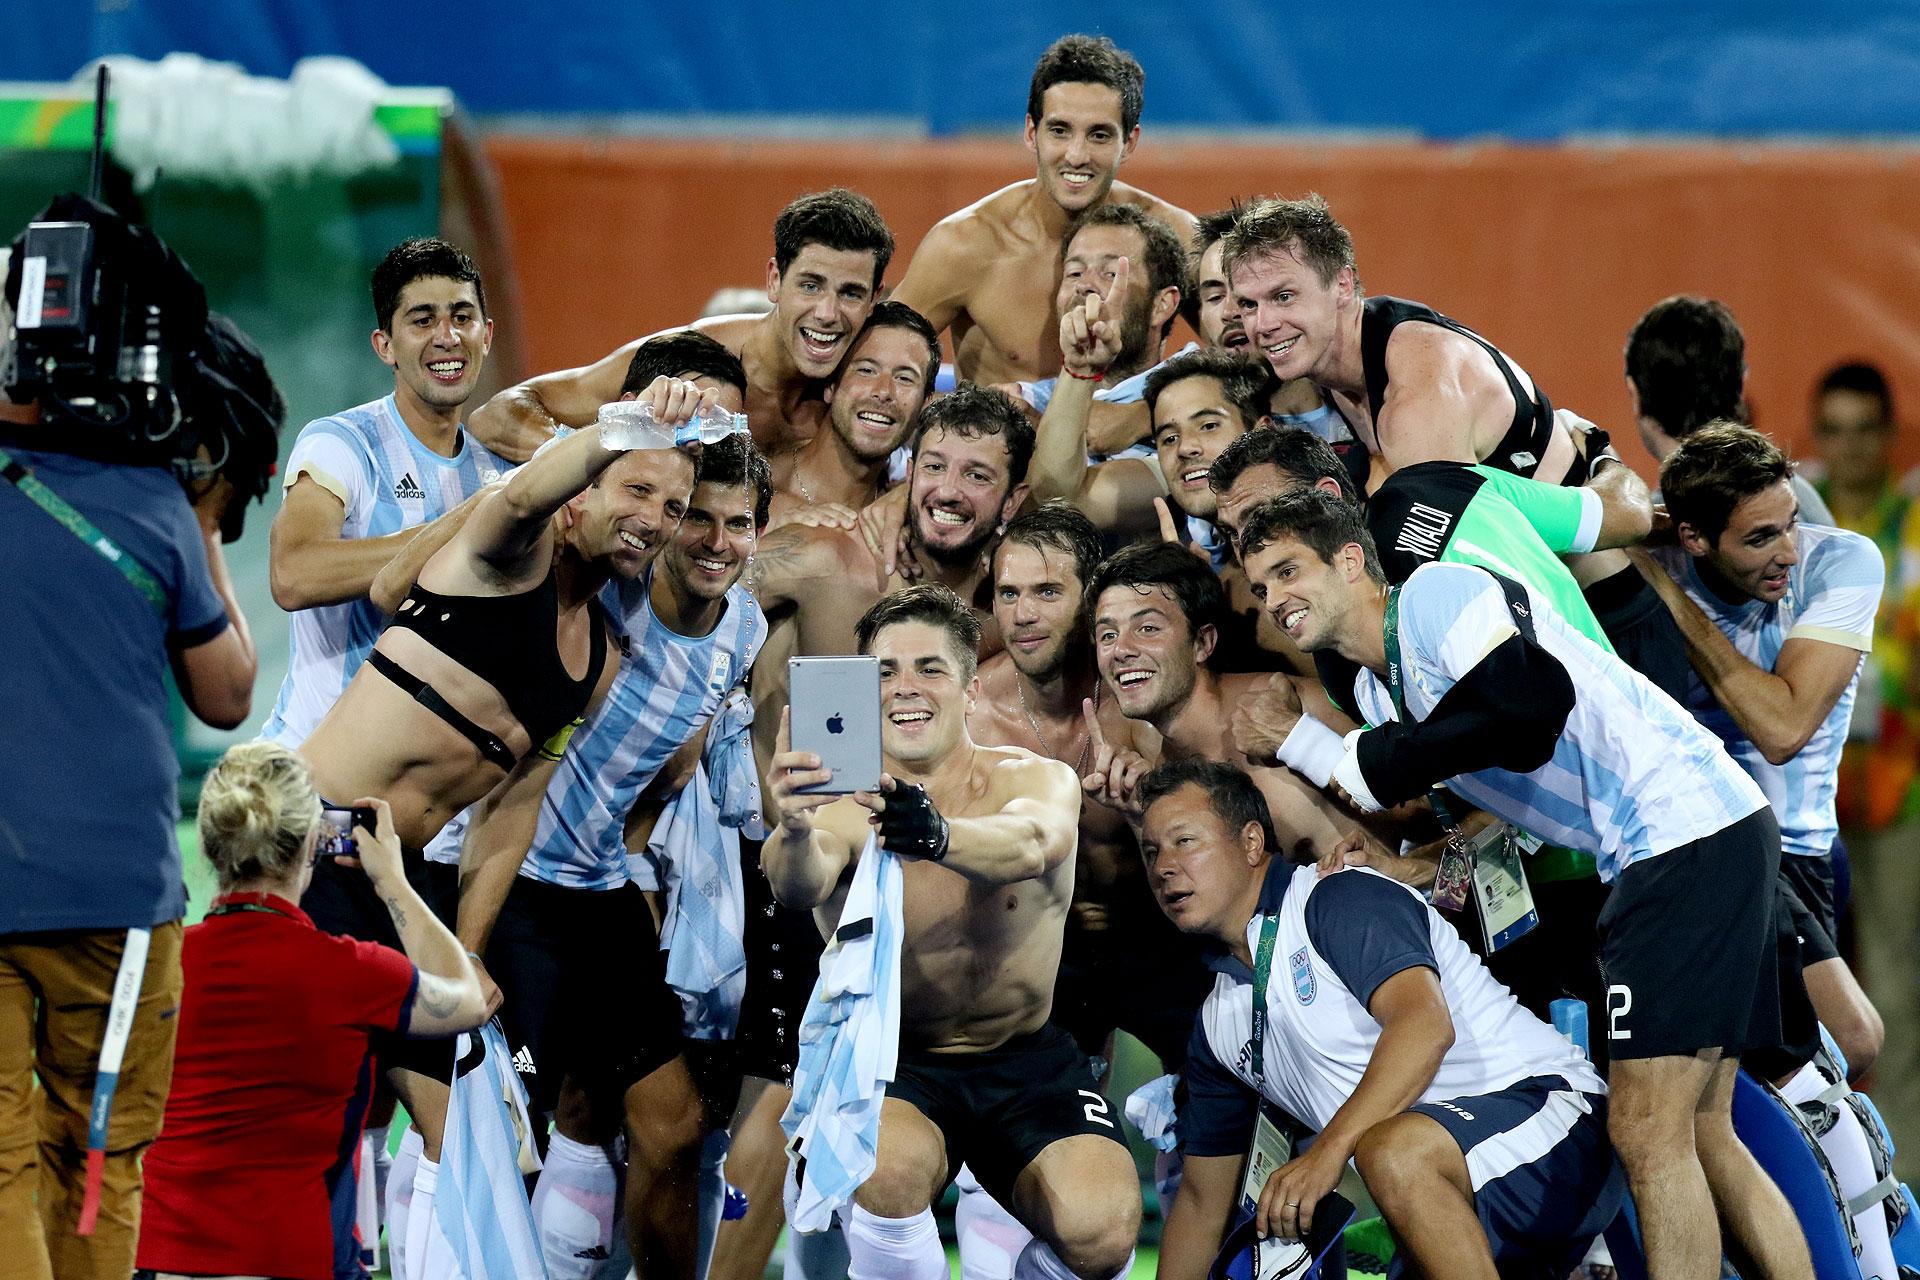 Una selfie que quedará para el recuerdo de todo el equipo argentino de Hockey en su noche de gloria (Nicolás Stulberg)